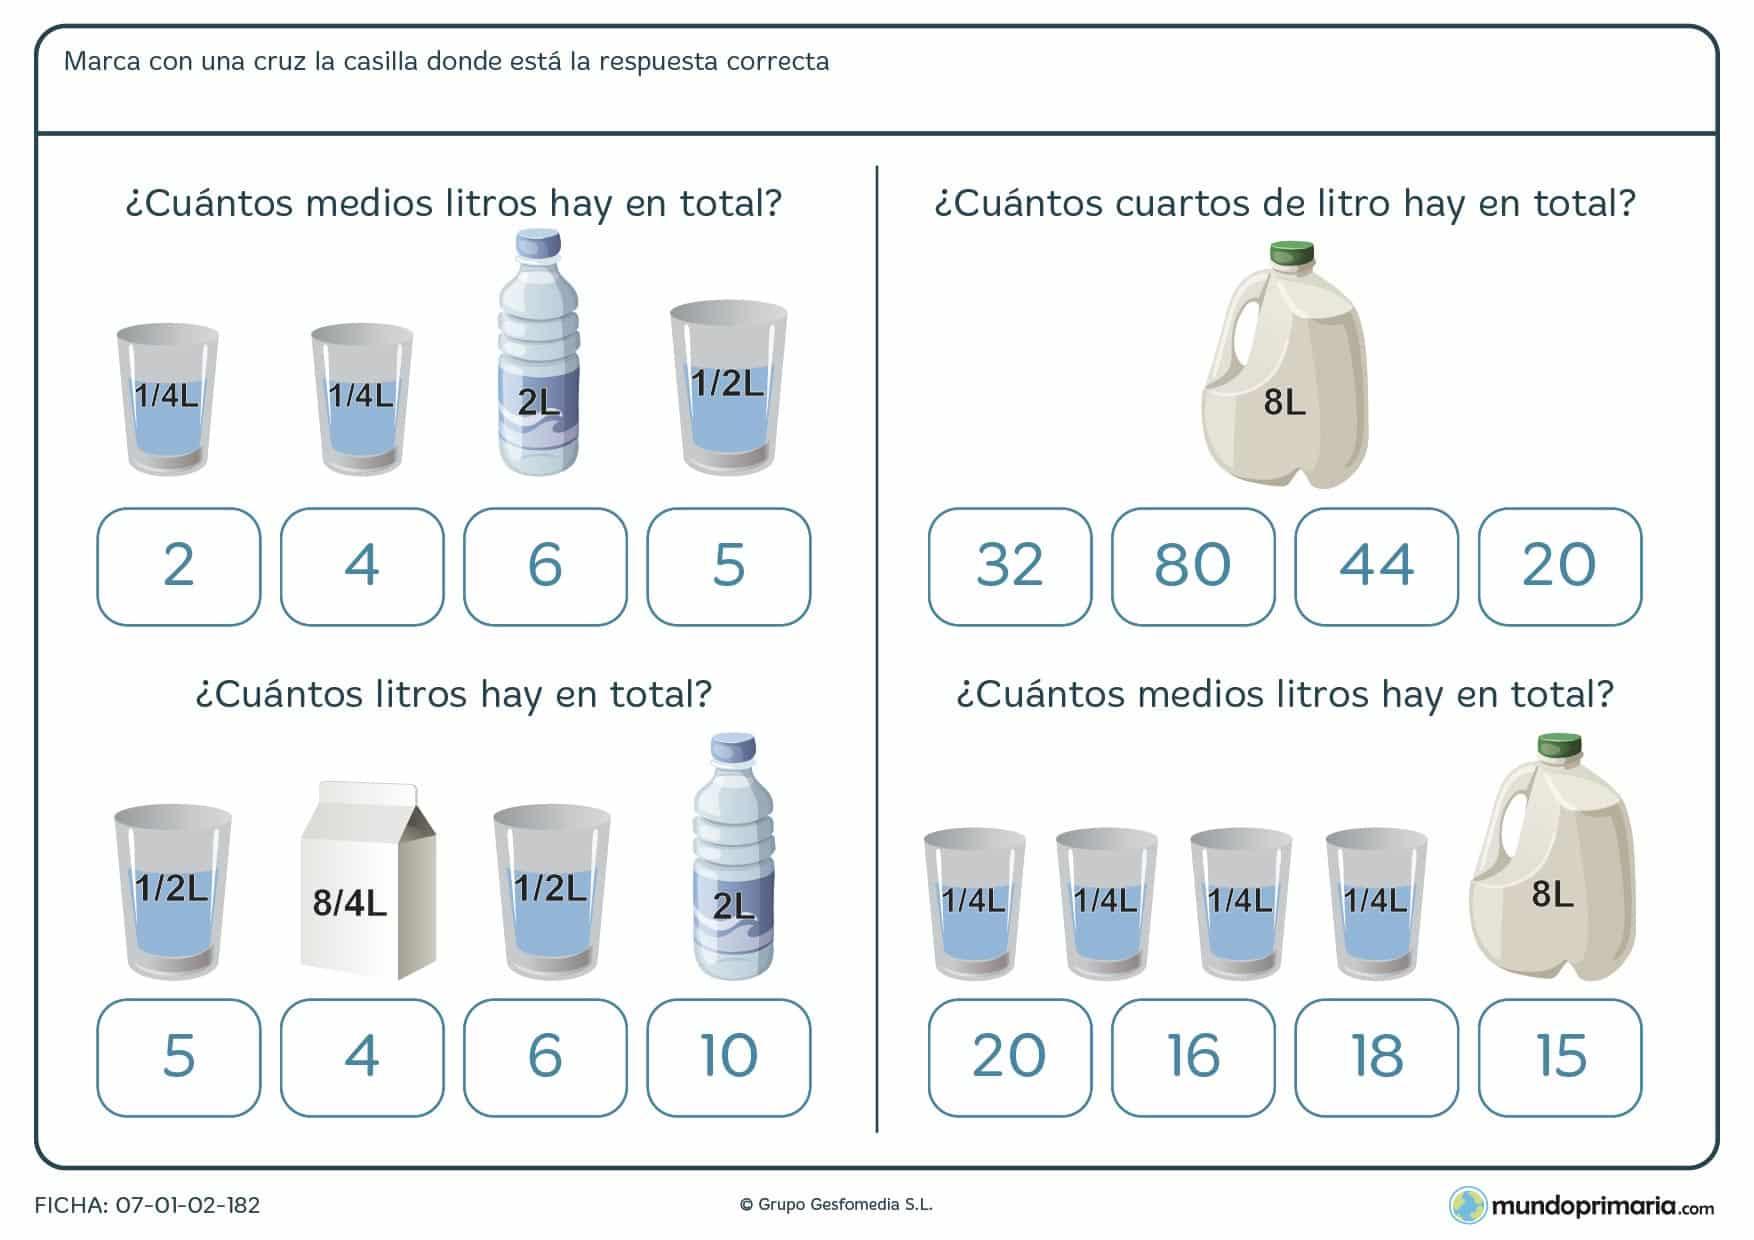 Ficha de capacidad en litros. Tienes que responder correctamente sobre las equivalencias de las medidas que te damos.